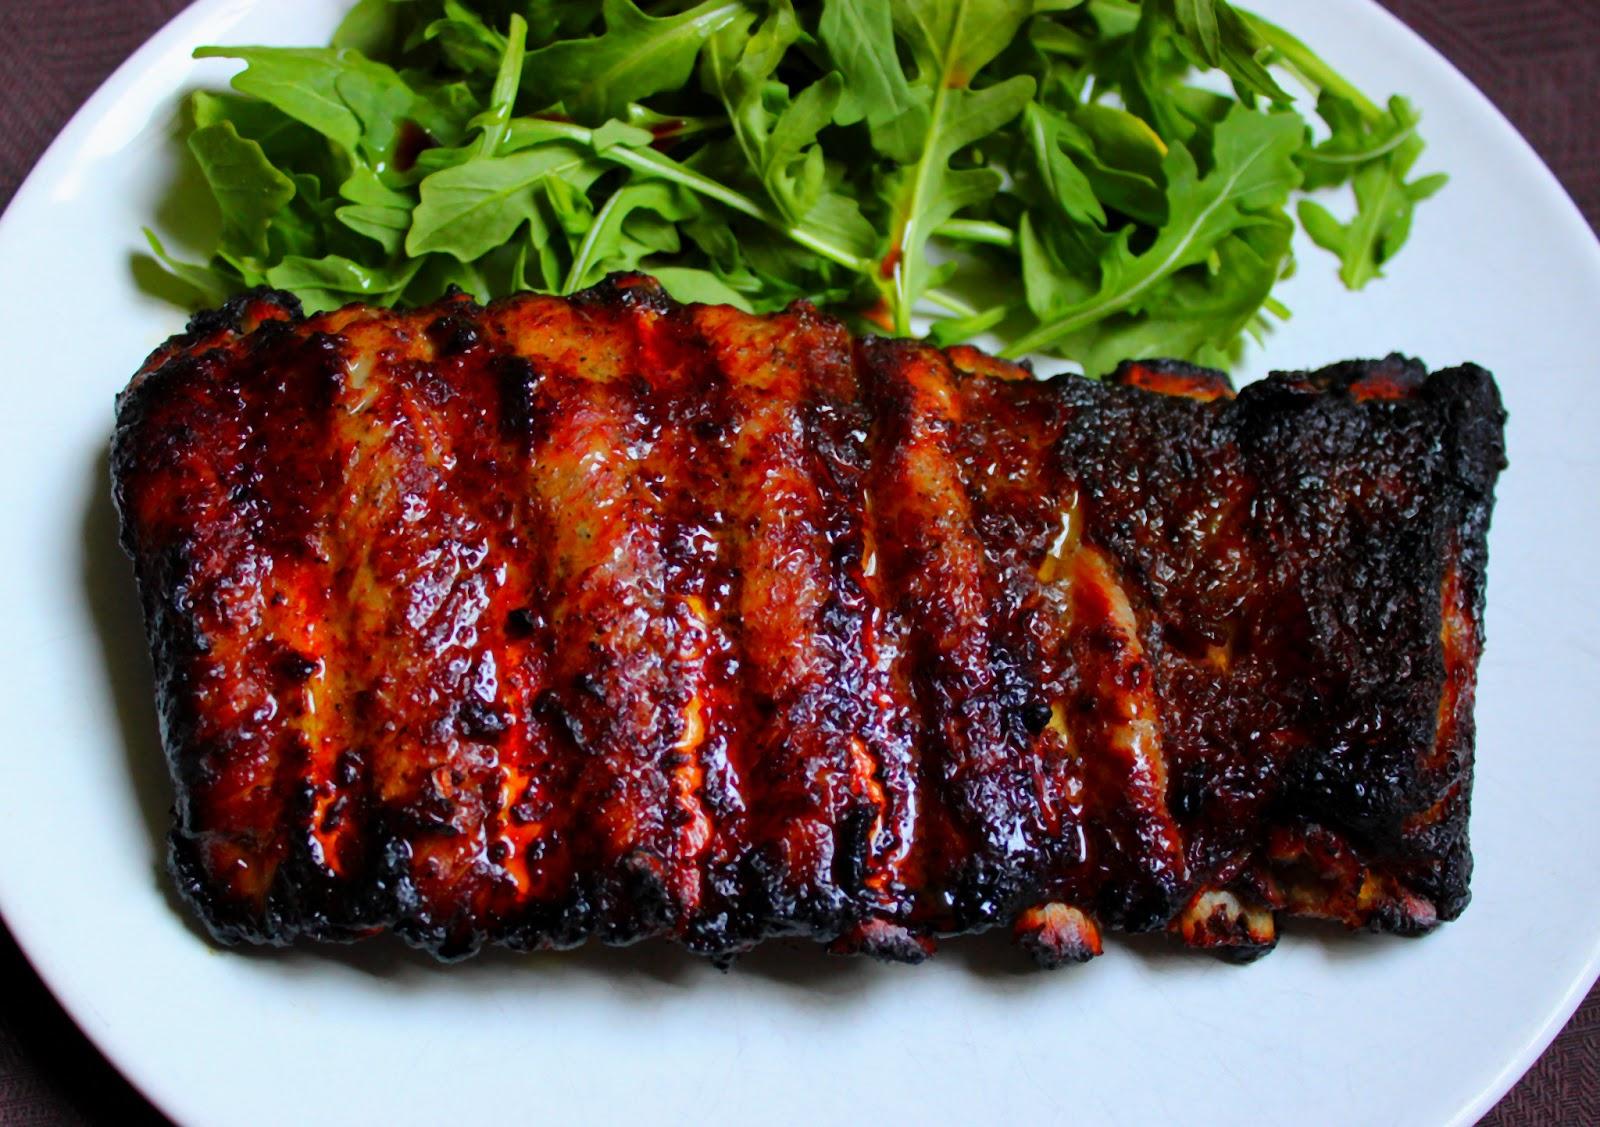 recette travers de porc sauce barbecue au four. Black Bedroom Furniture Sets. Home Design Ideas